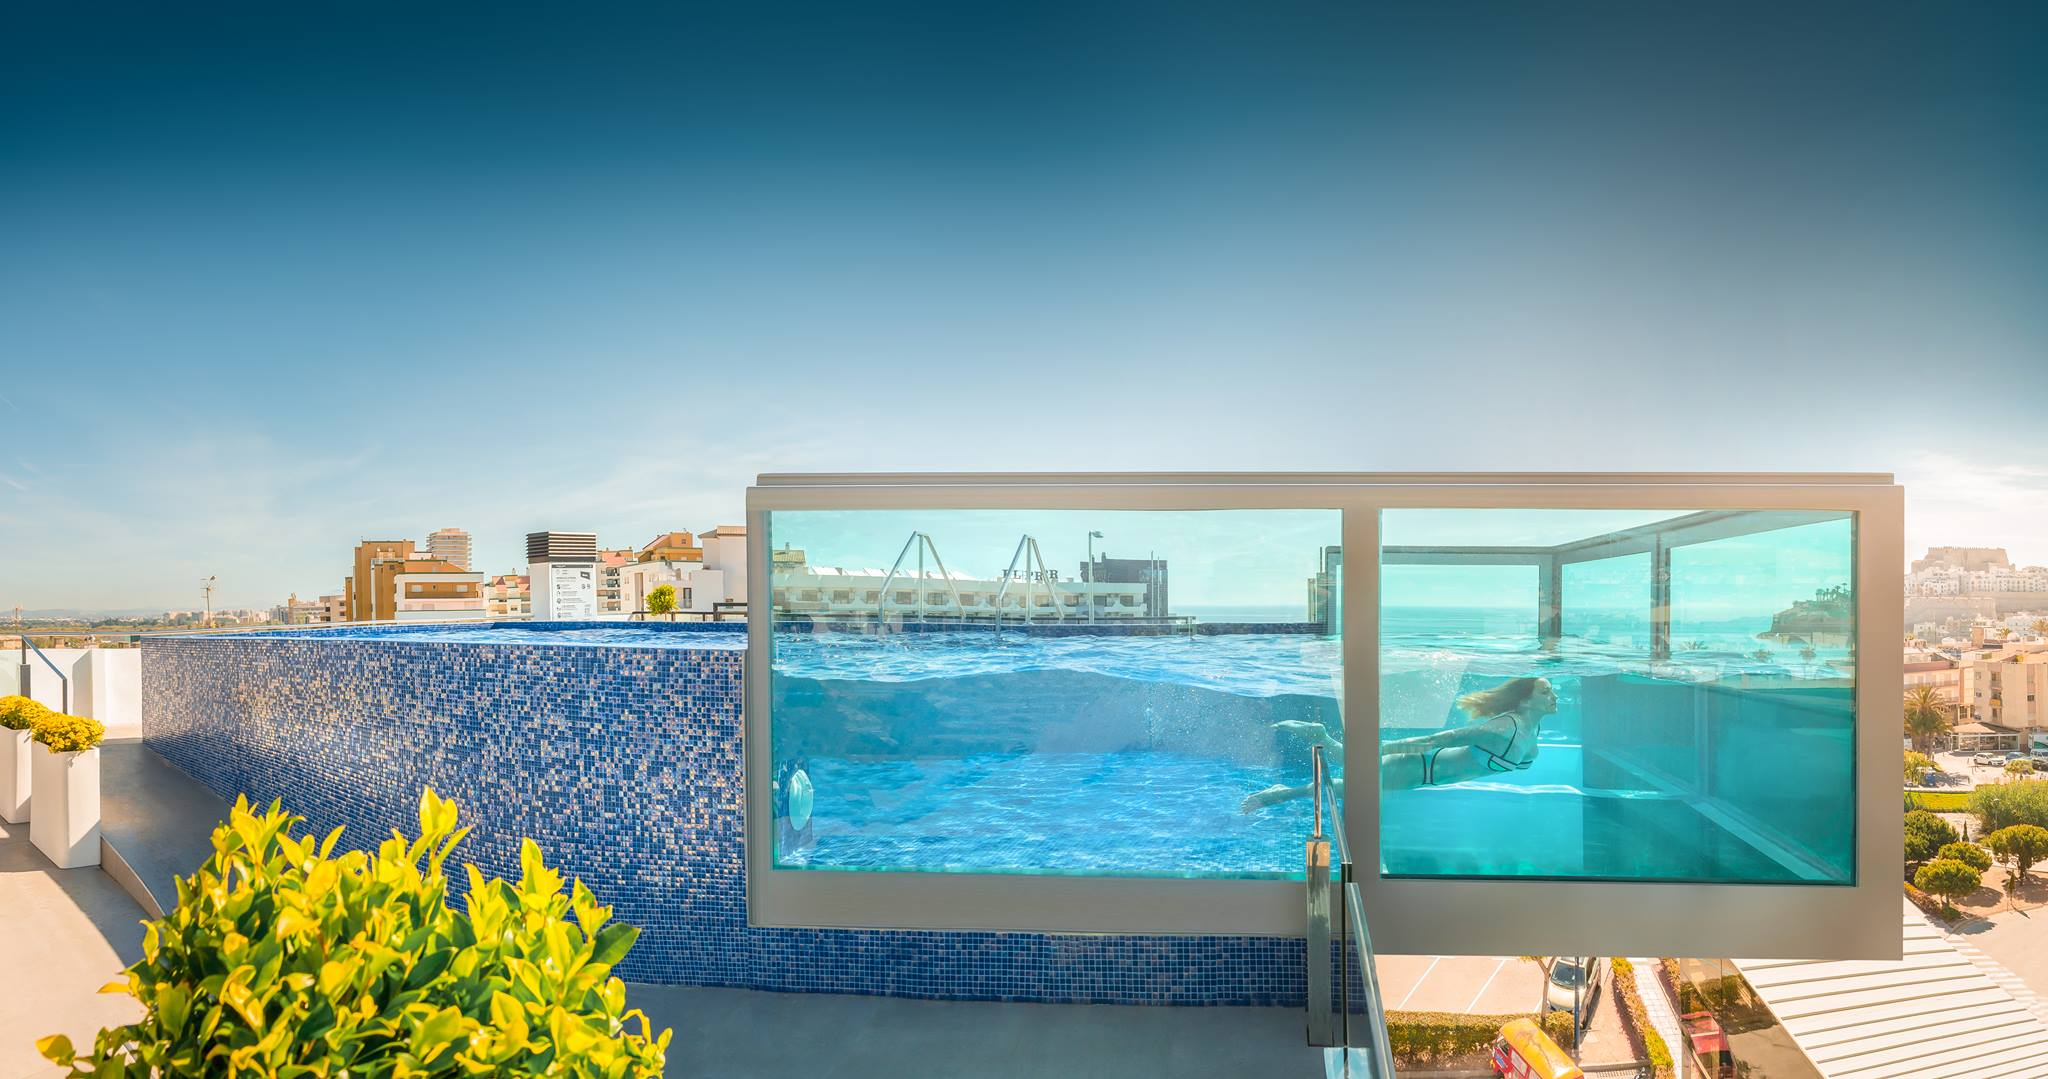 Pe scola estrena una piscina suspendida en el aire y con for Escaleras piscina para personas mayores